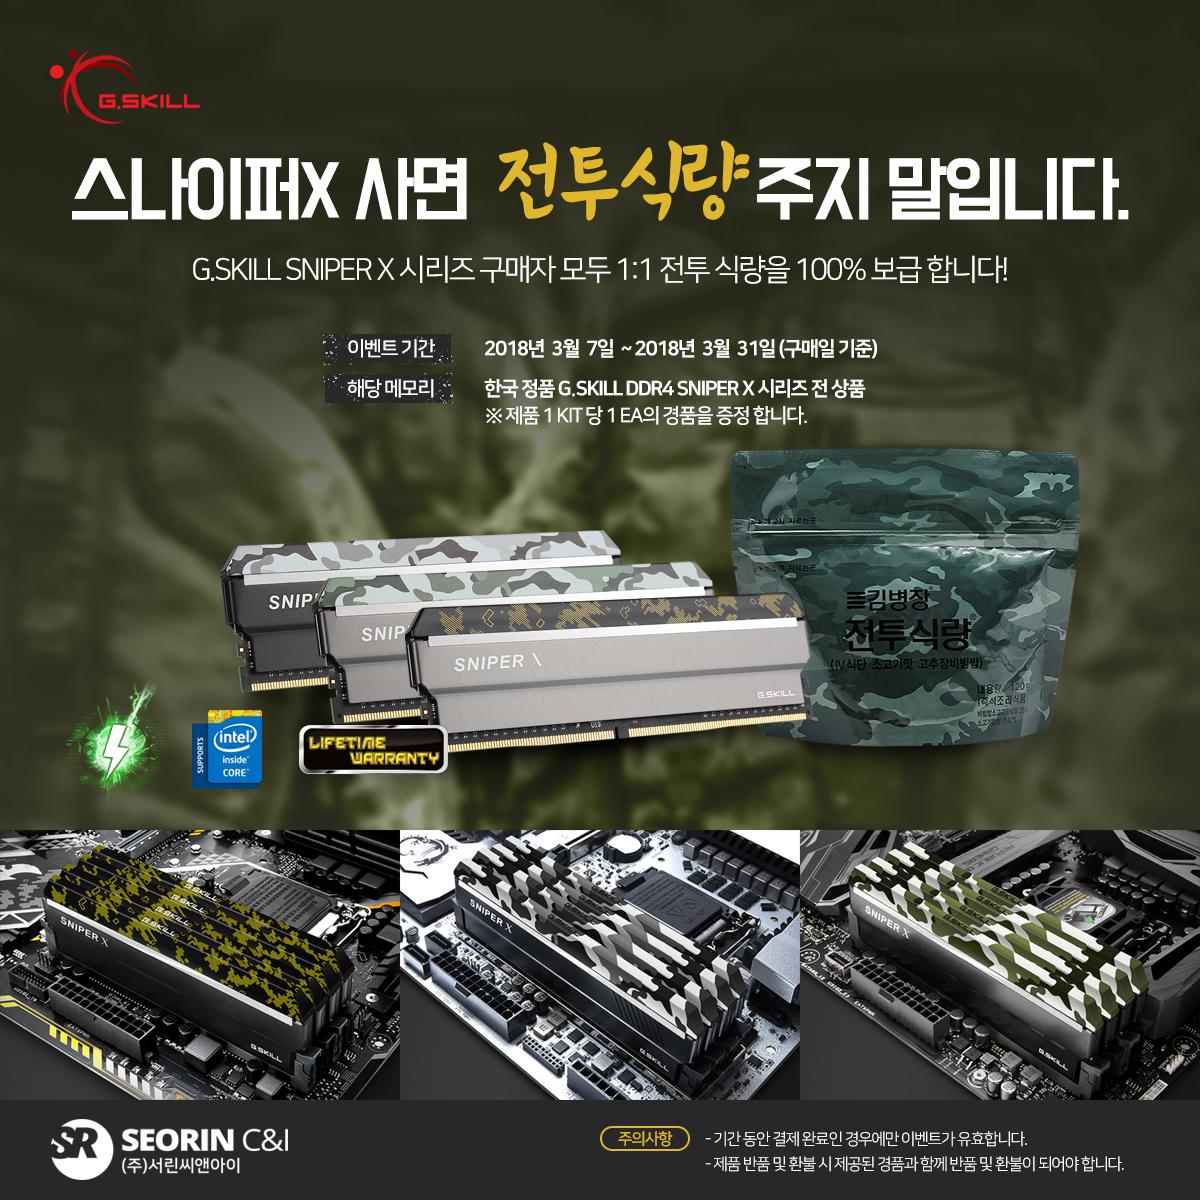 (주)서린씨앤아이 지스킬 카모플라쥬 패턴 스나이퍼 X 구매시 전투식량 증정 이벤트 실시